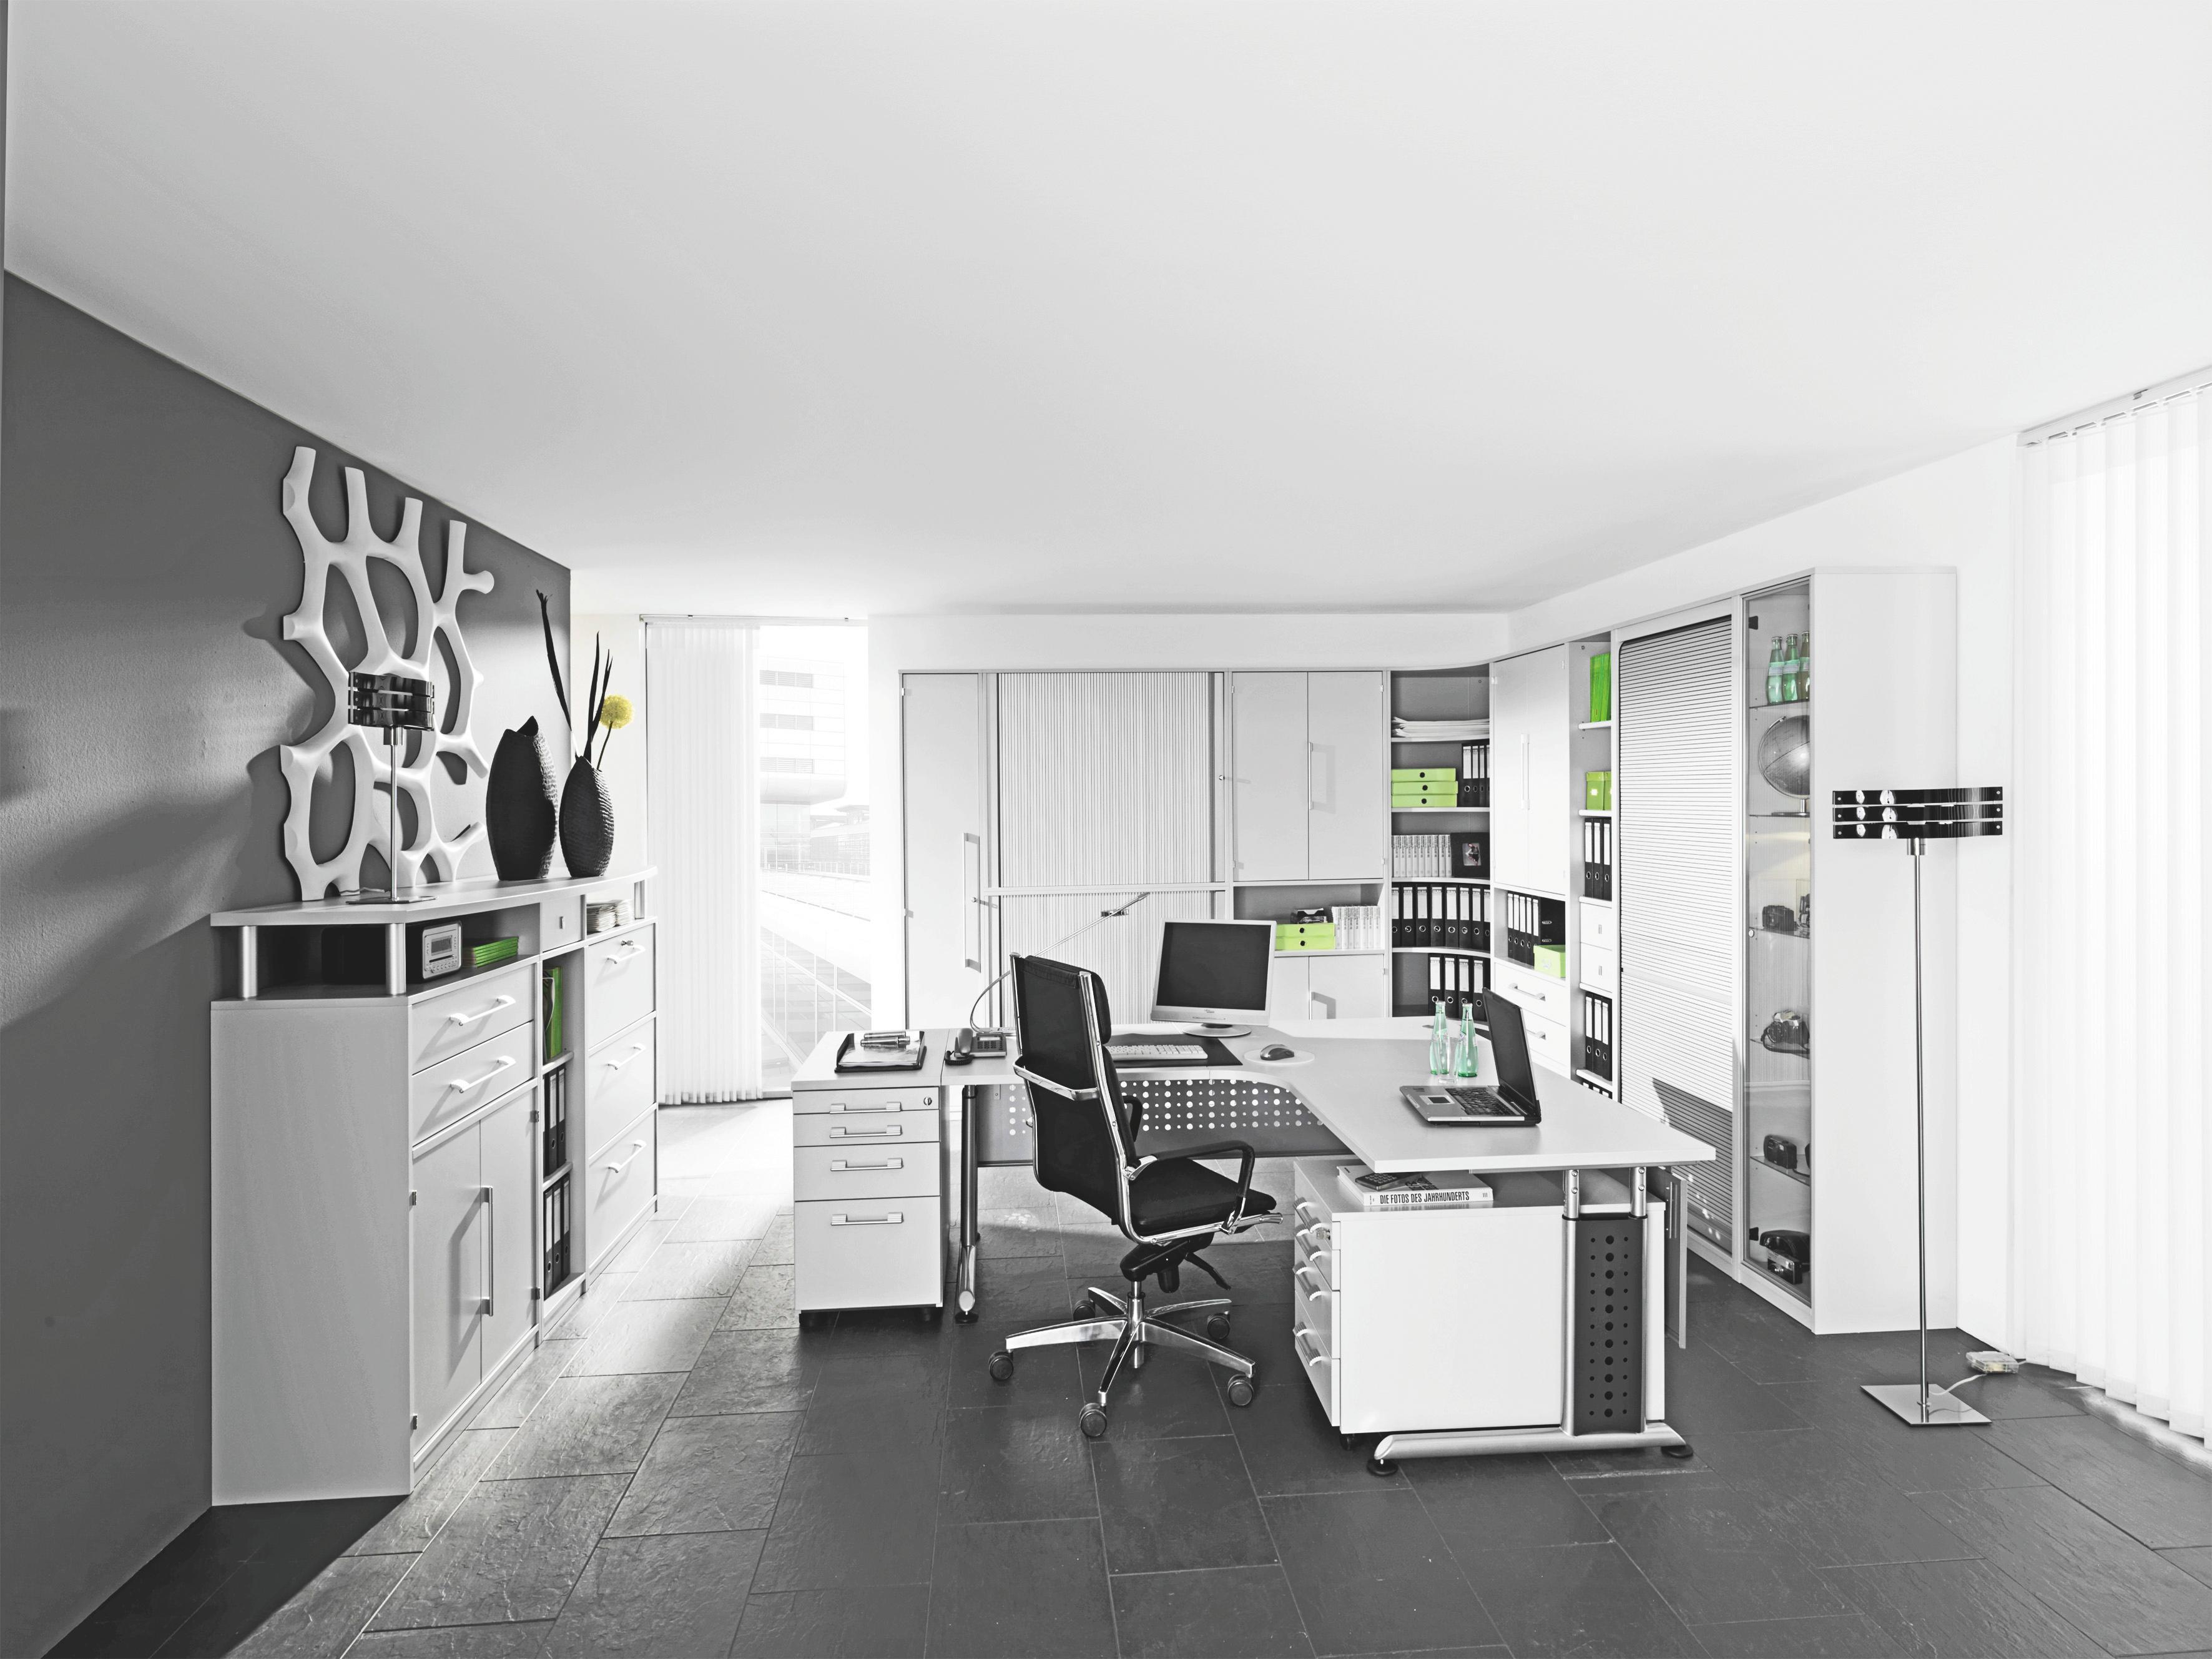 Möbel Müllerland Görgeshausen: 4 fuß stuhl warschau stühle ebay ...